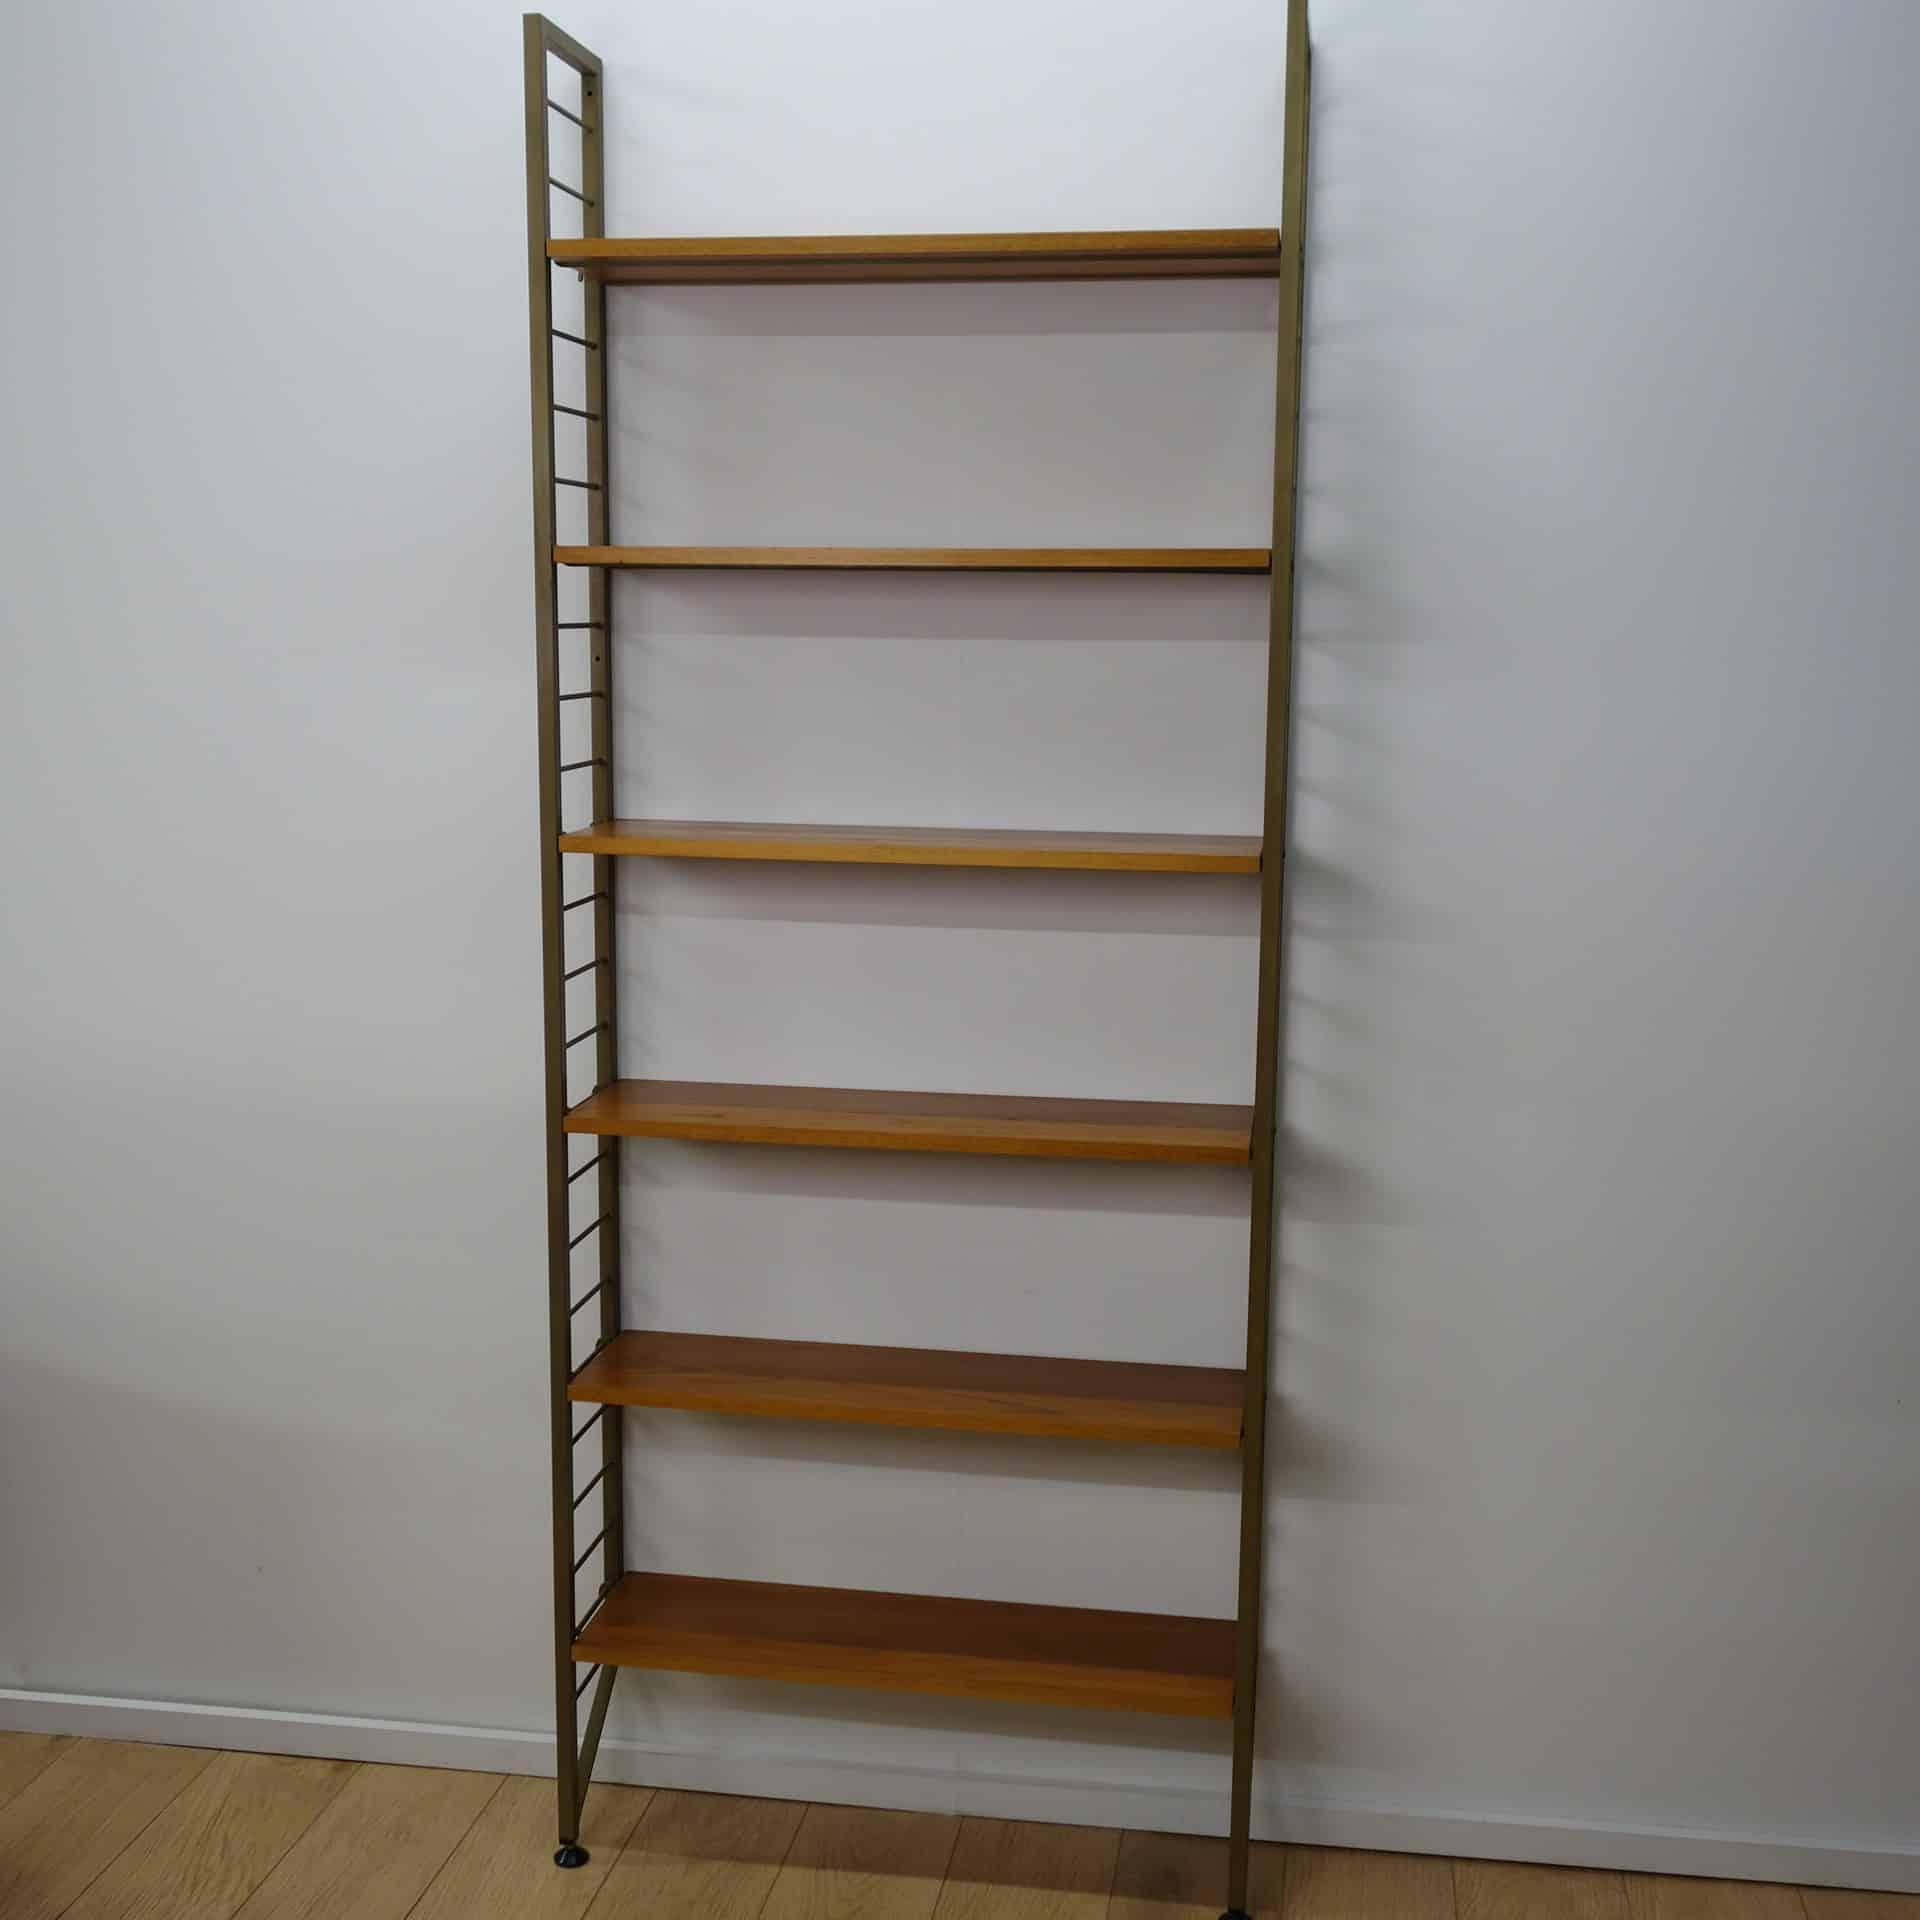 1960s teak book shelves by Ladderax